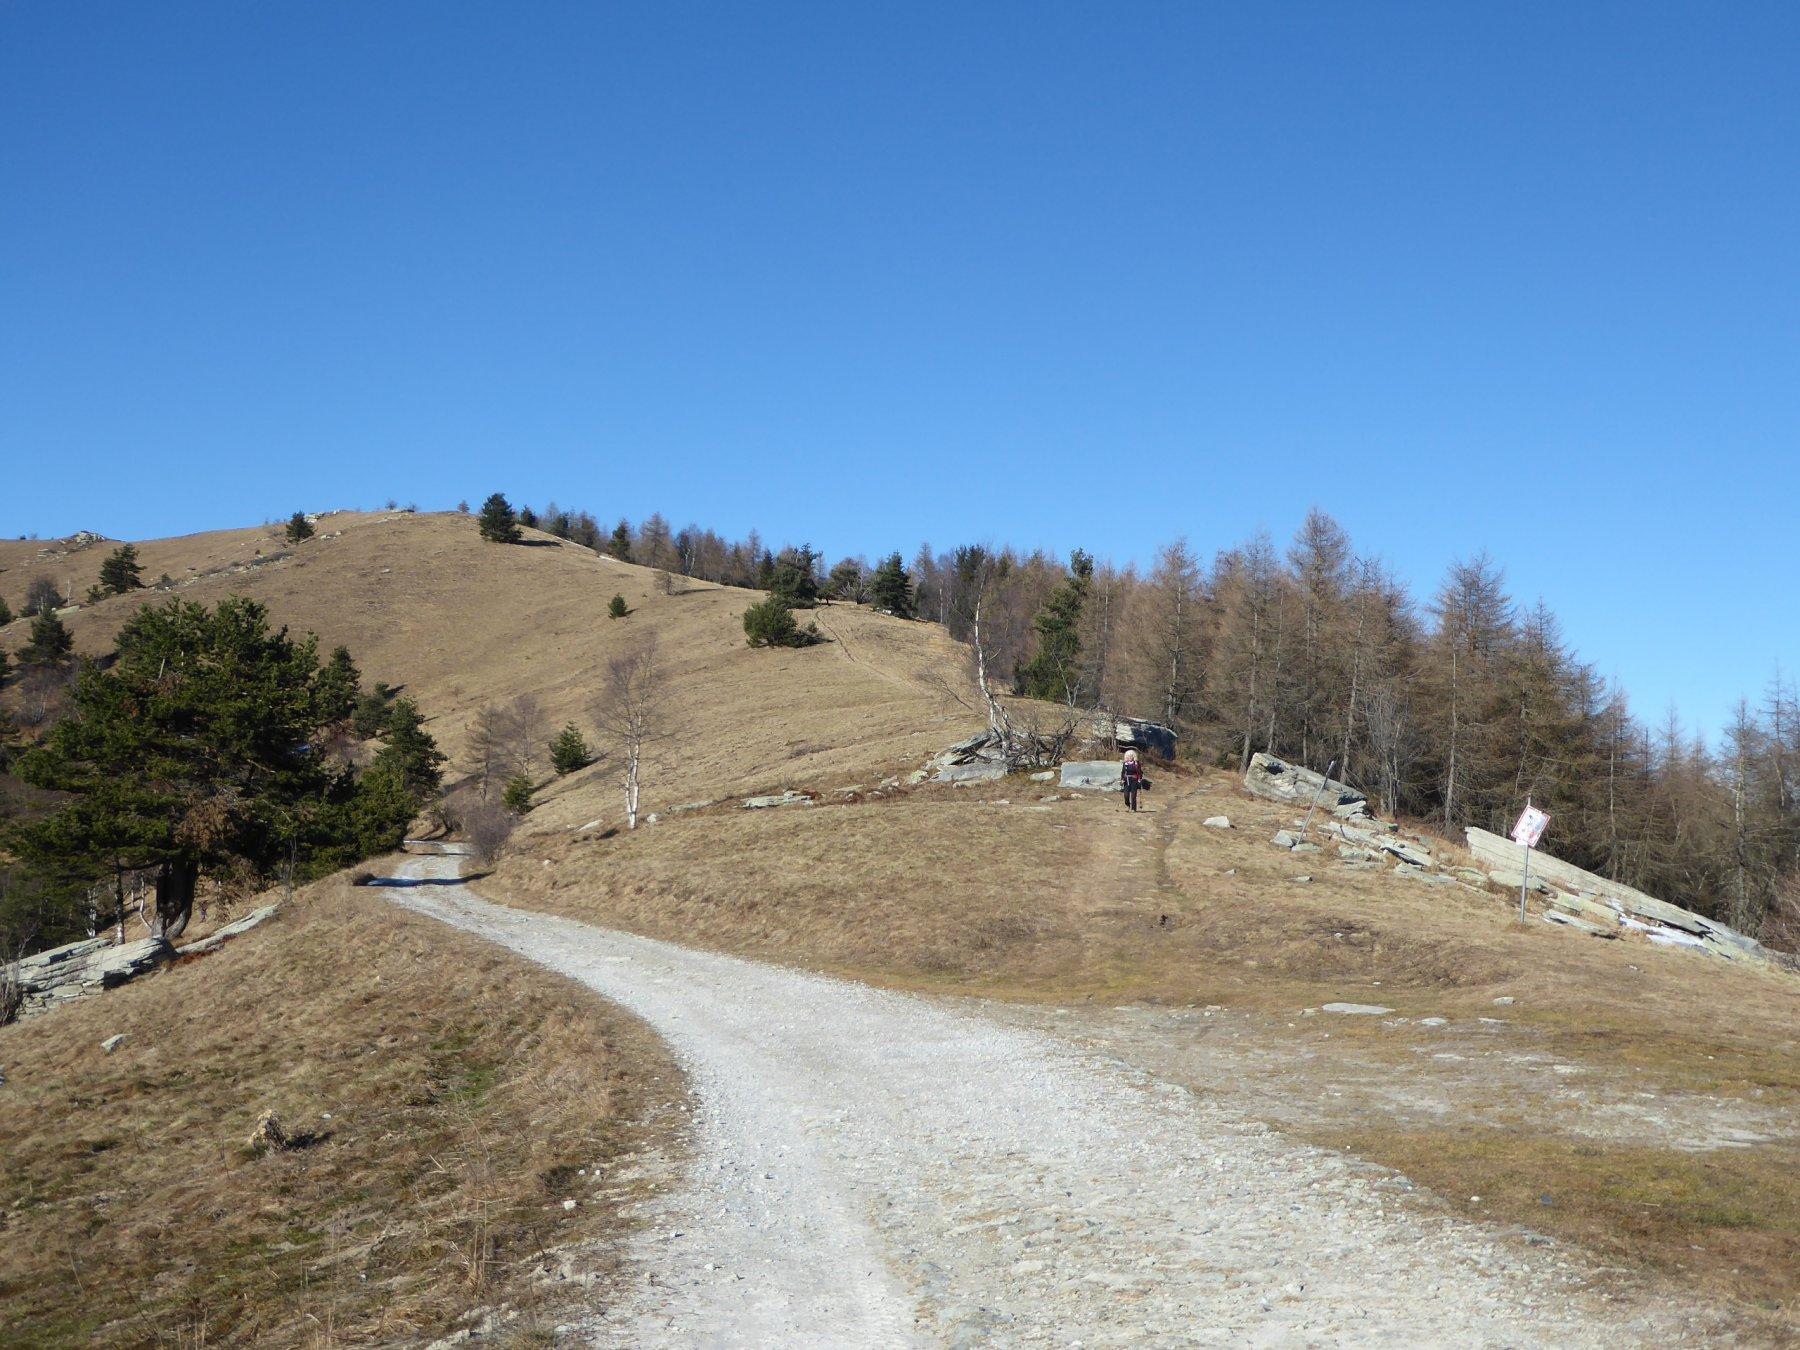 l'ampio colle della Ciabra, da cui si stacca il sentiero che percorre la dorsale